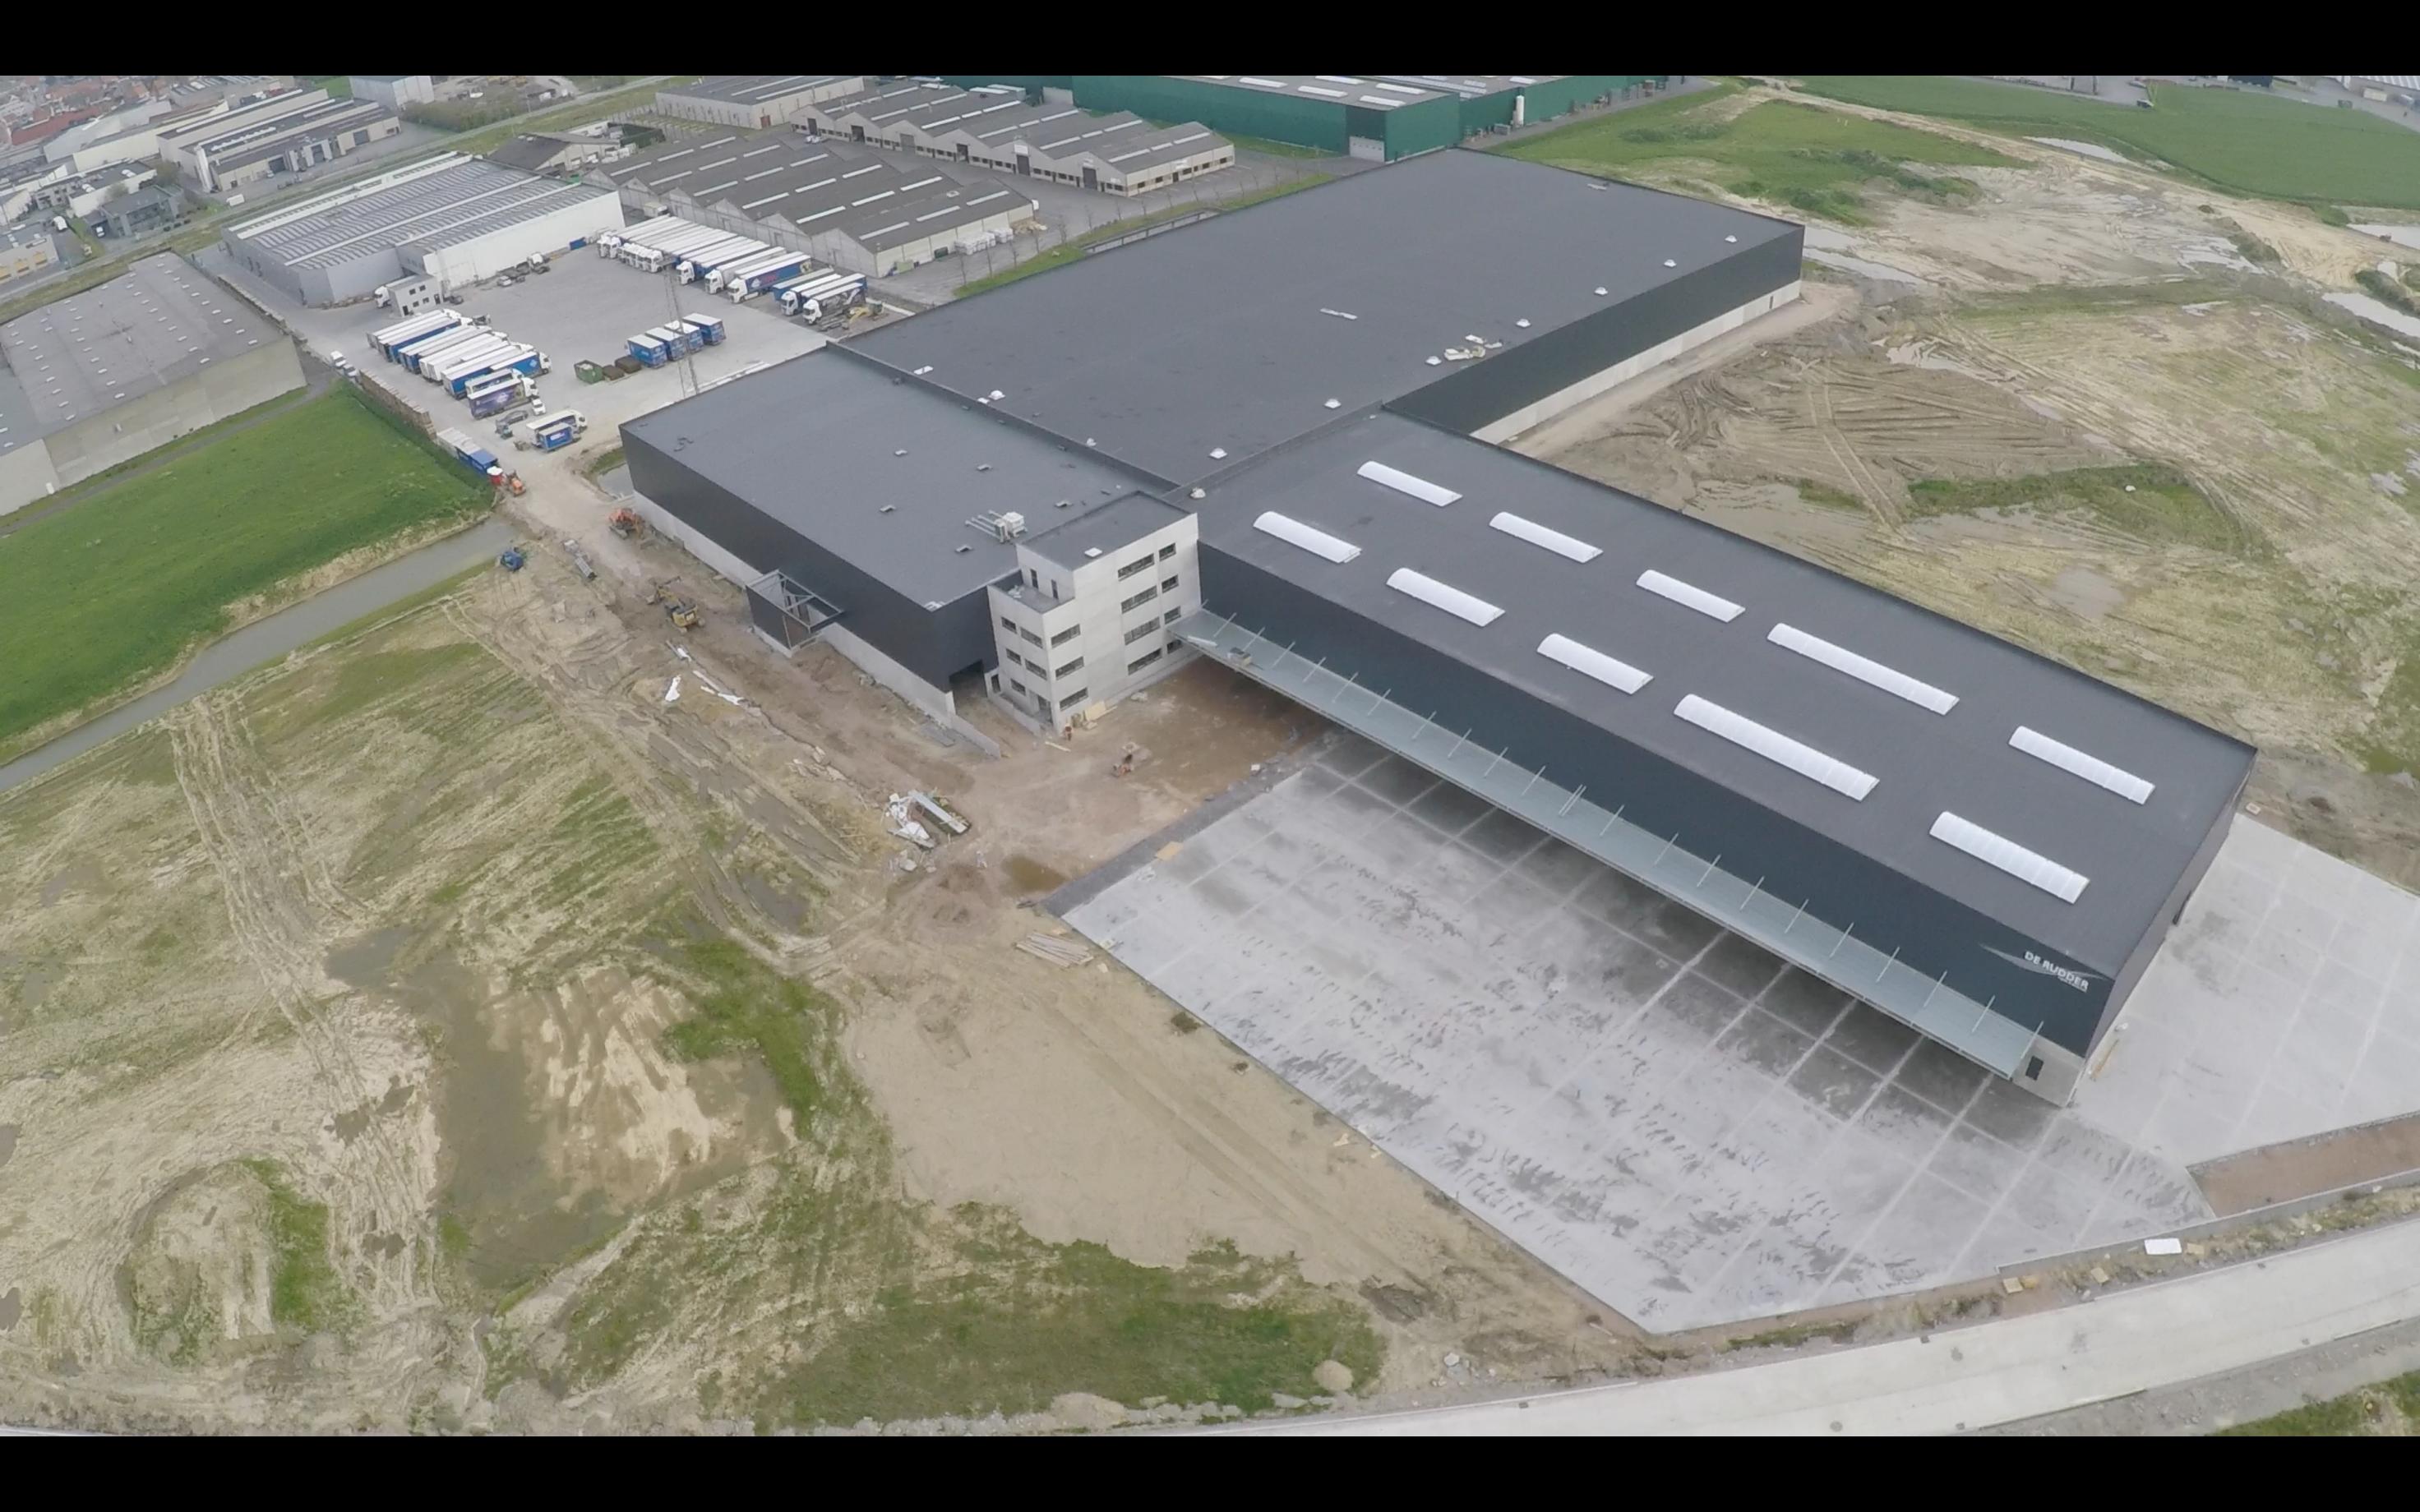 Transport De Rudder_Kuurne_distributiecentrum_bedrijfsgebouw_industriegebouw (2)